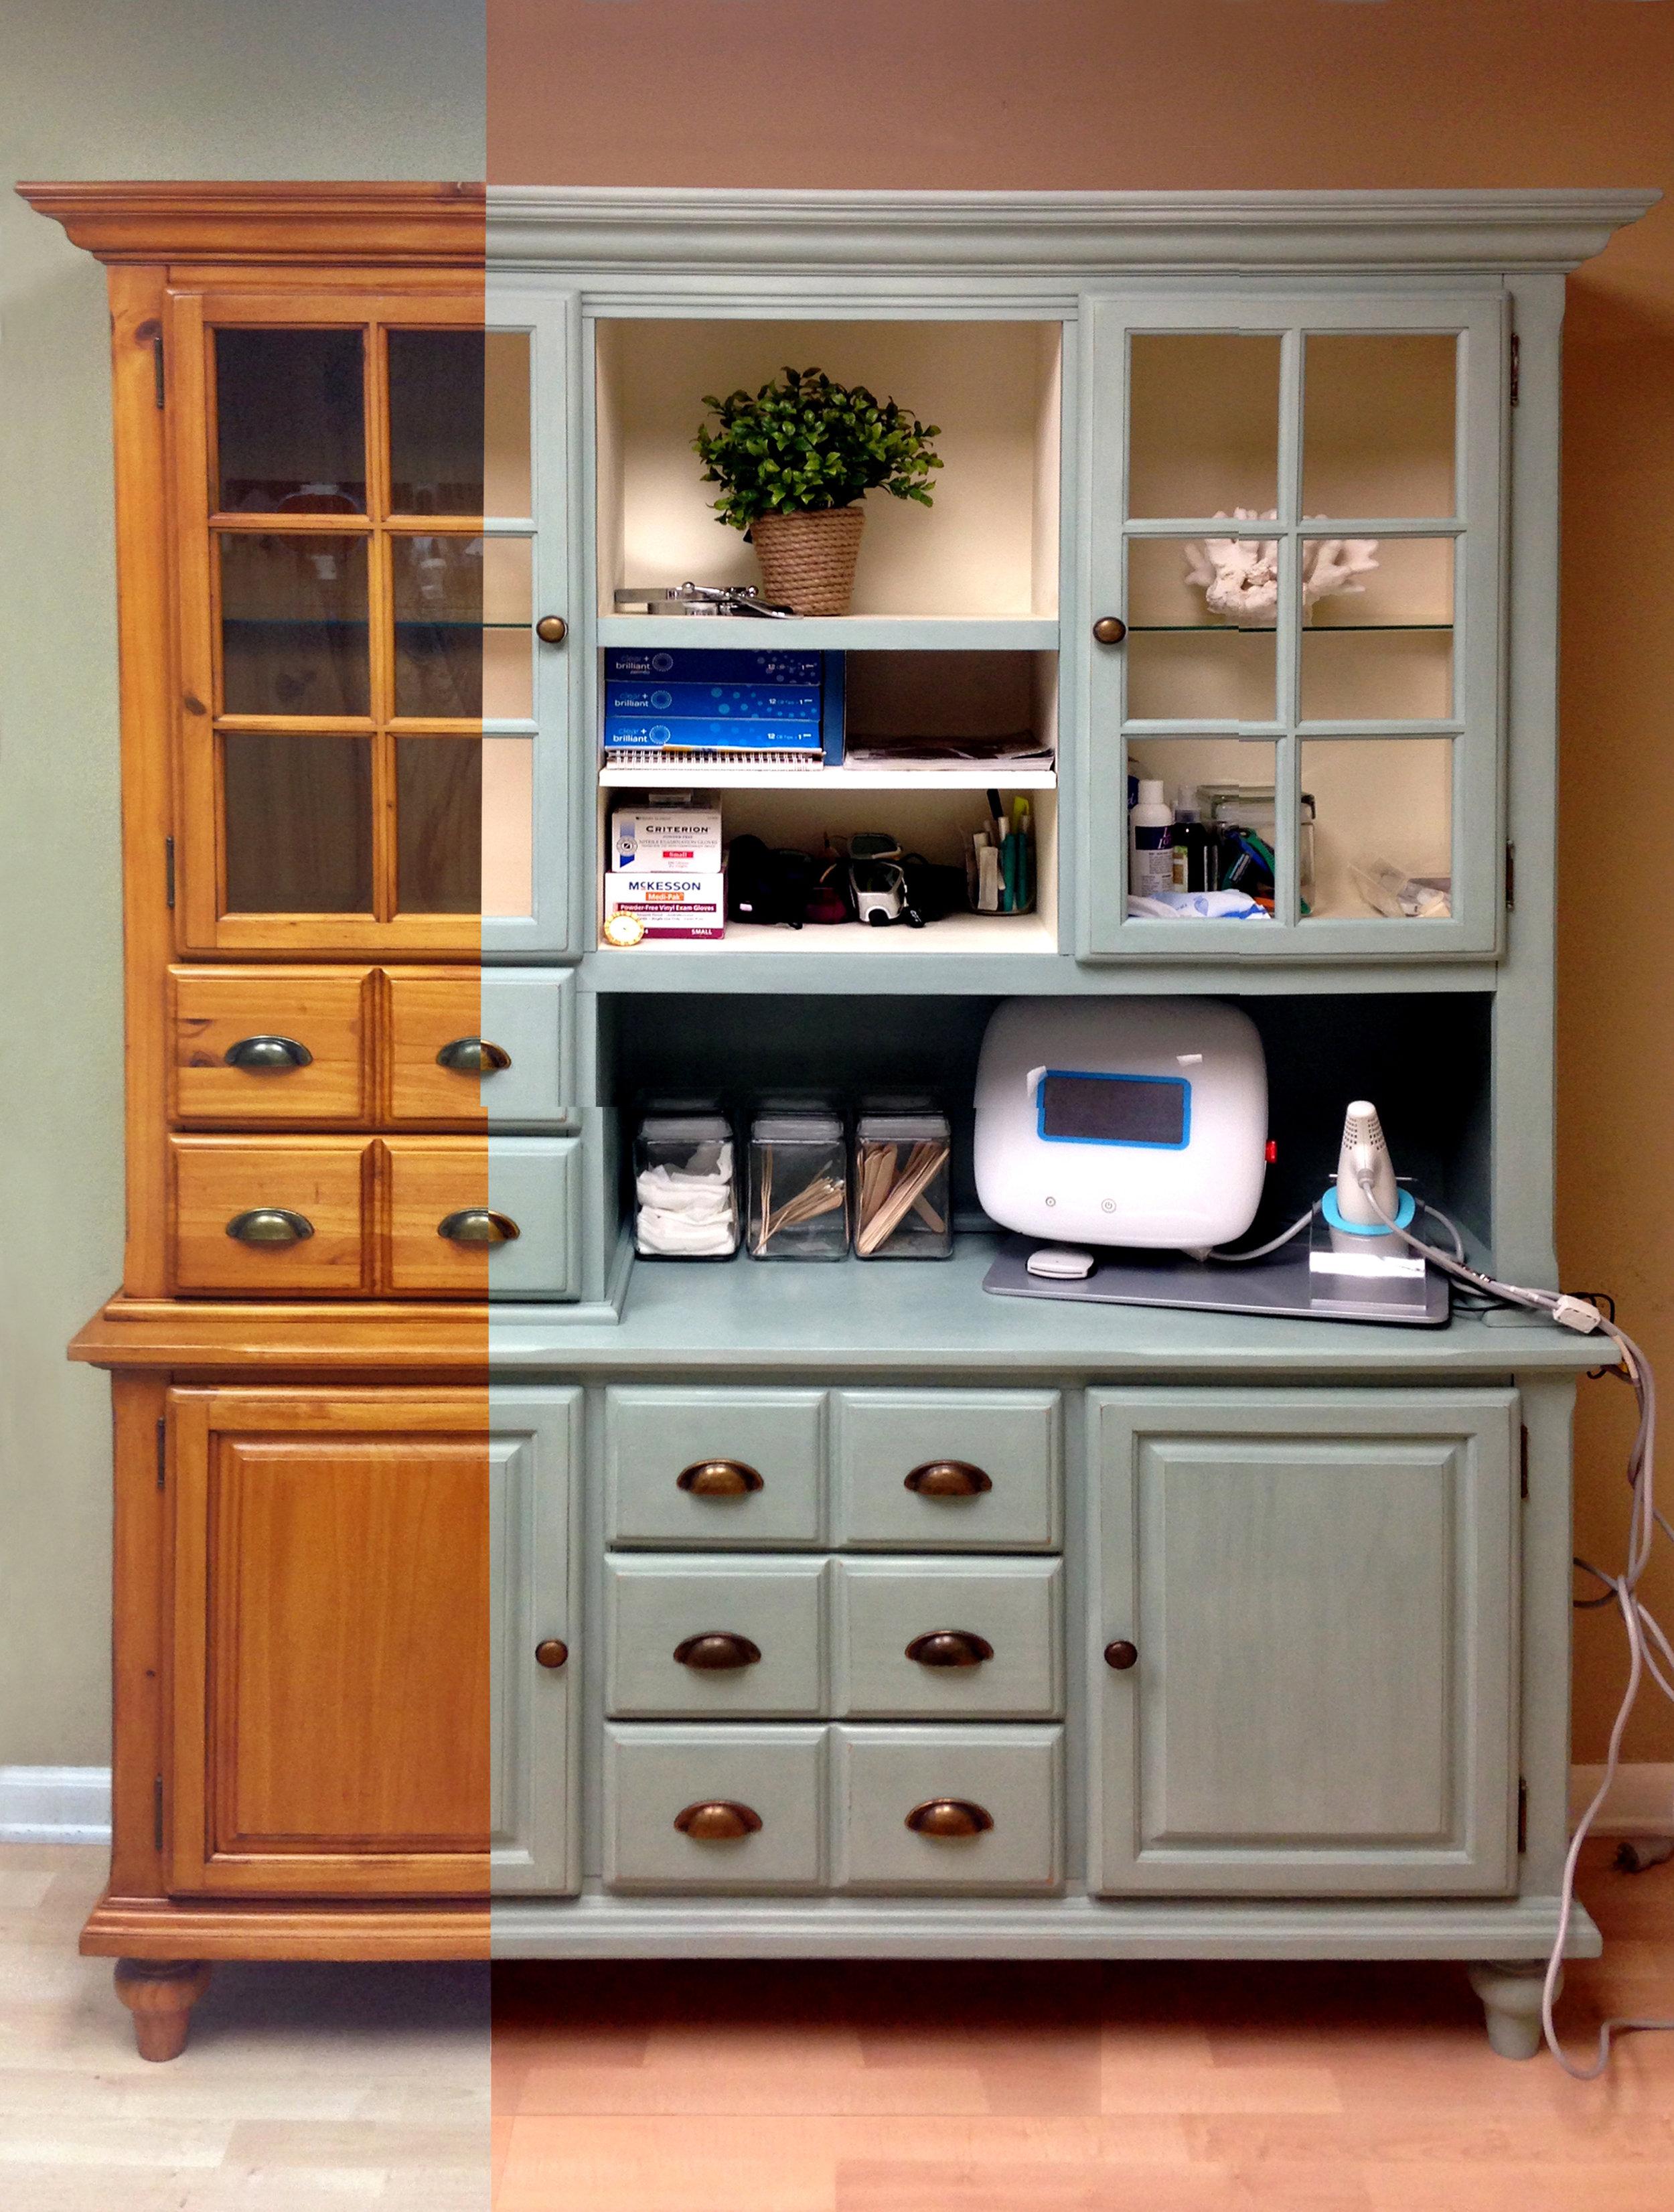 crimson + oak designs | med spa cabinet BEFORE & AFTER NEW.jpg